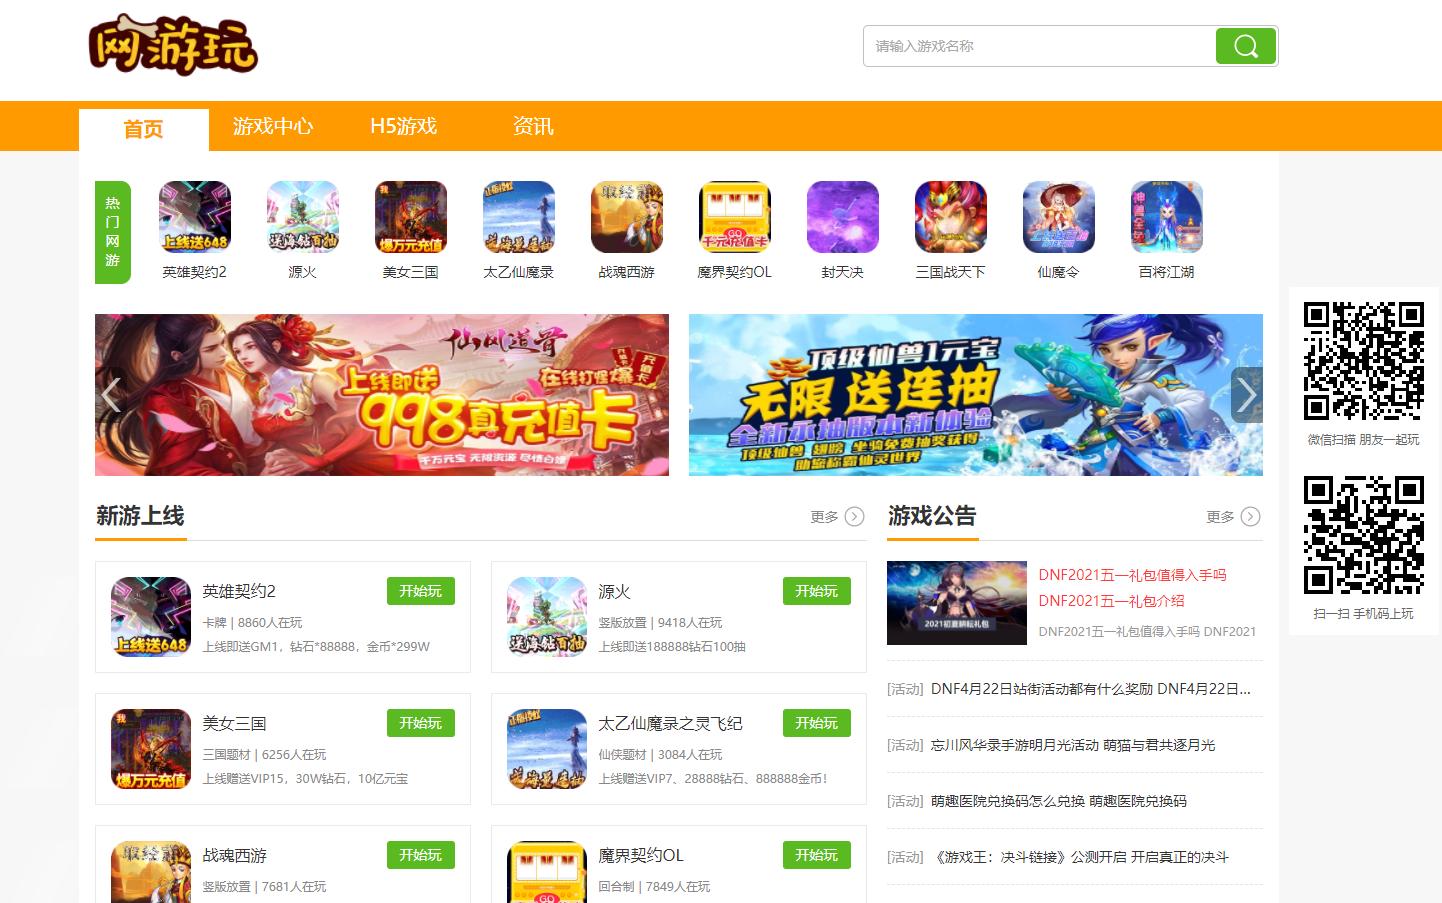 仿《网游玩》eyou网站源码 游戏下载站模板 网站模板,游戏模板插图